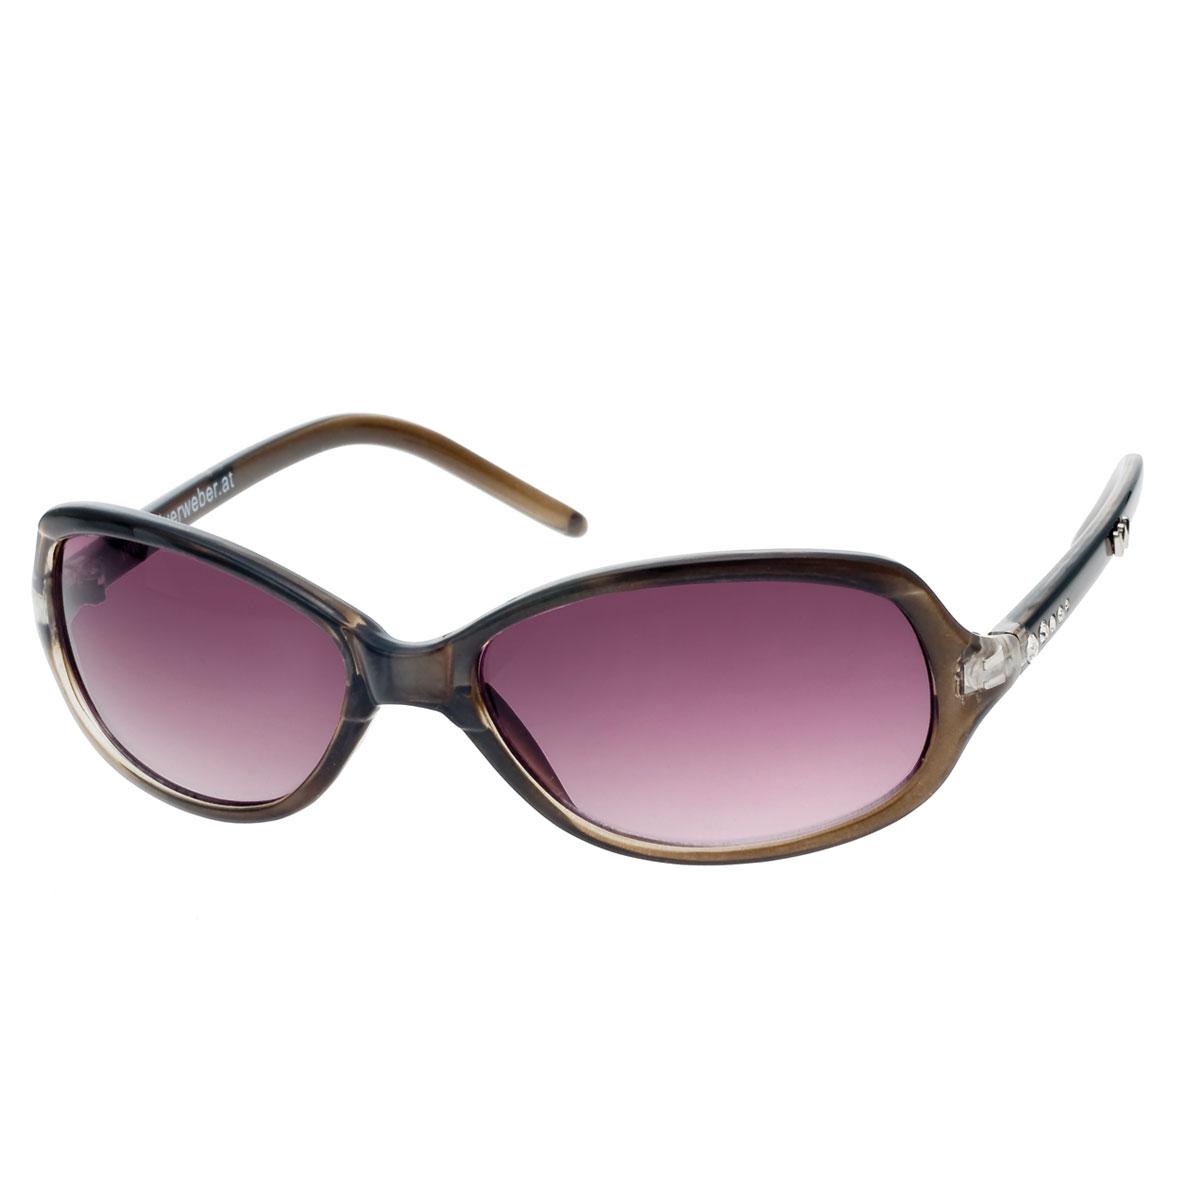 عینک آفتابی مدل ایداهو خاکستری